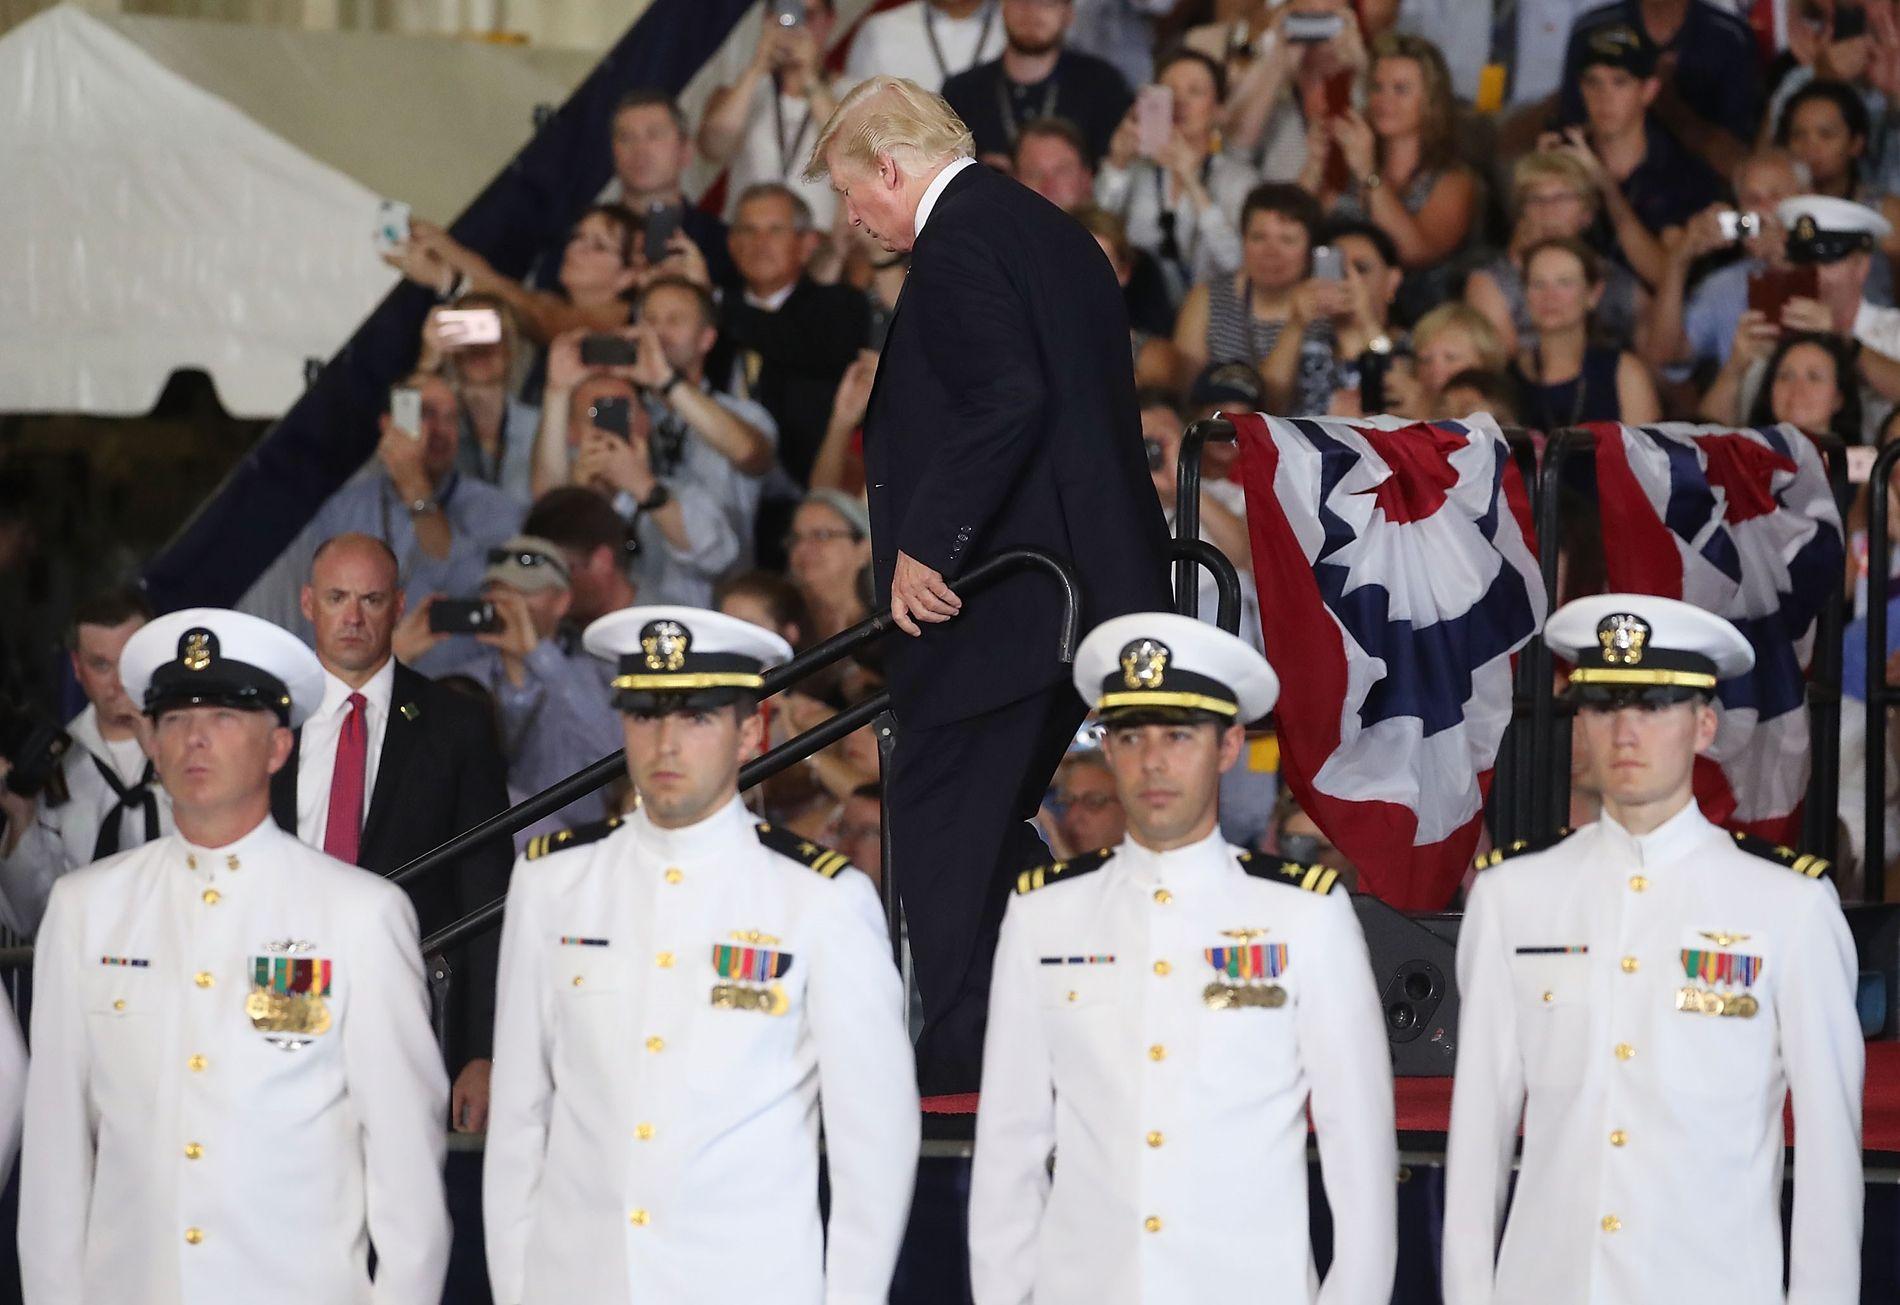 KRITIKK: President Donald Trump kritiserte forgjengeren Barack Obama for å bruke for lite penger på forsvarsmateriell. Foto: MARK WILSON/AFP